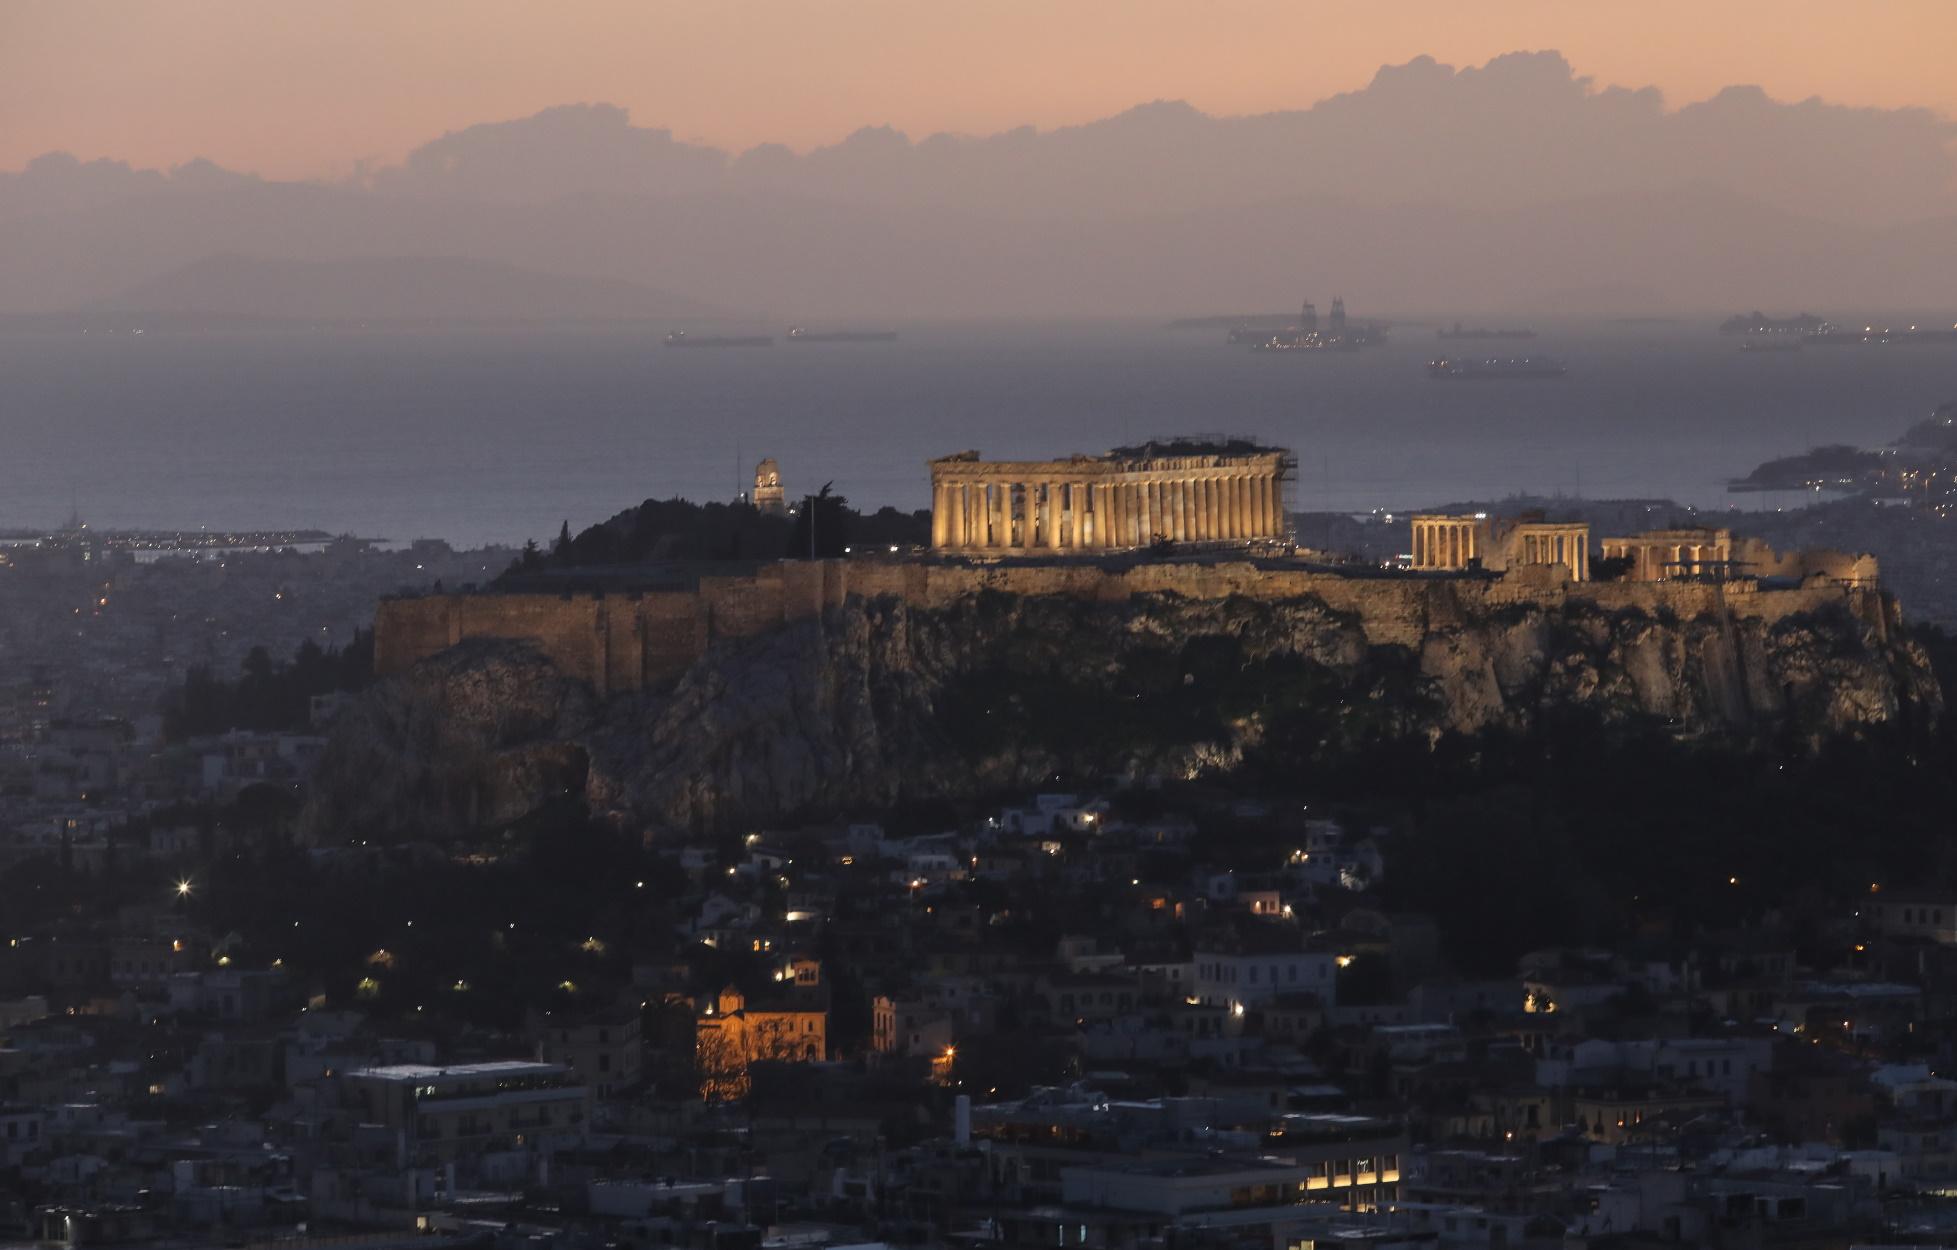 Ποια περιοχή της Αθήνας αποκαλούσαν και Μπουμπουνίστρα